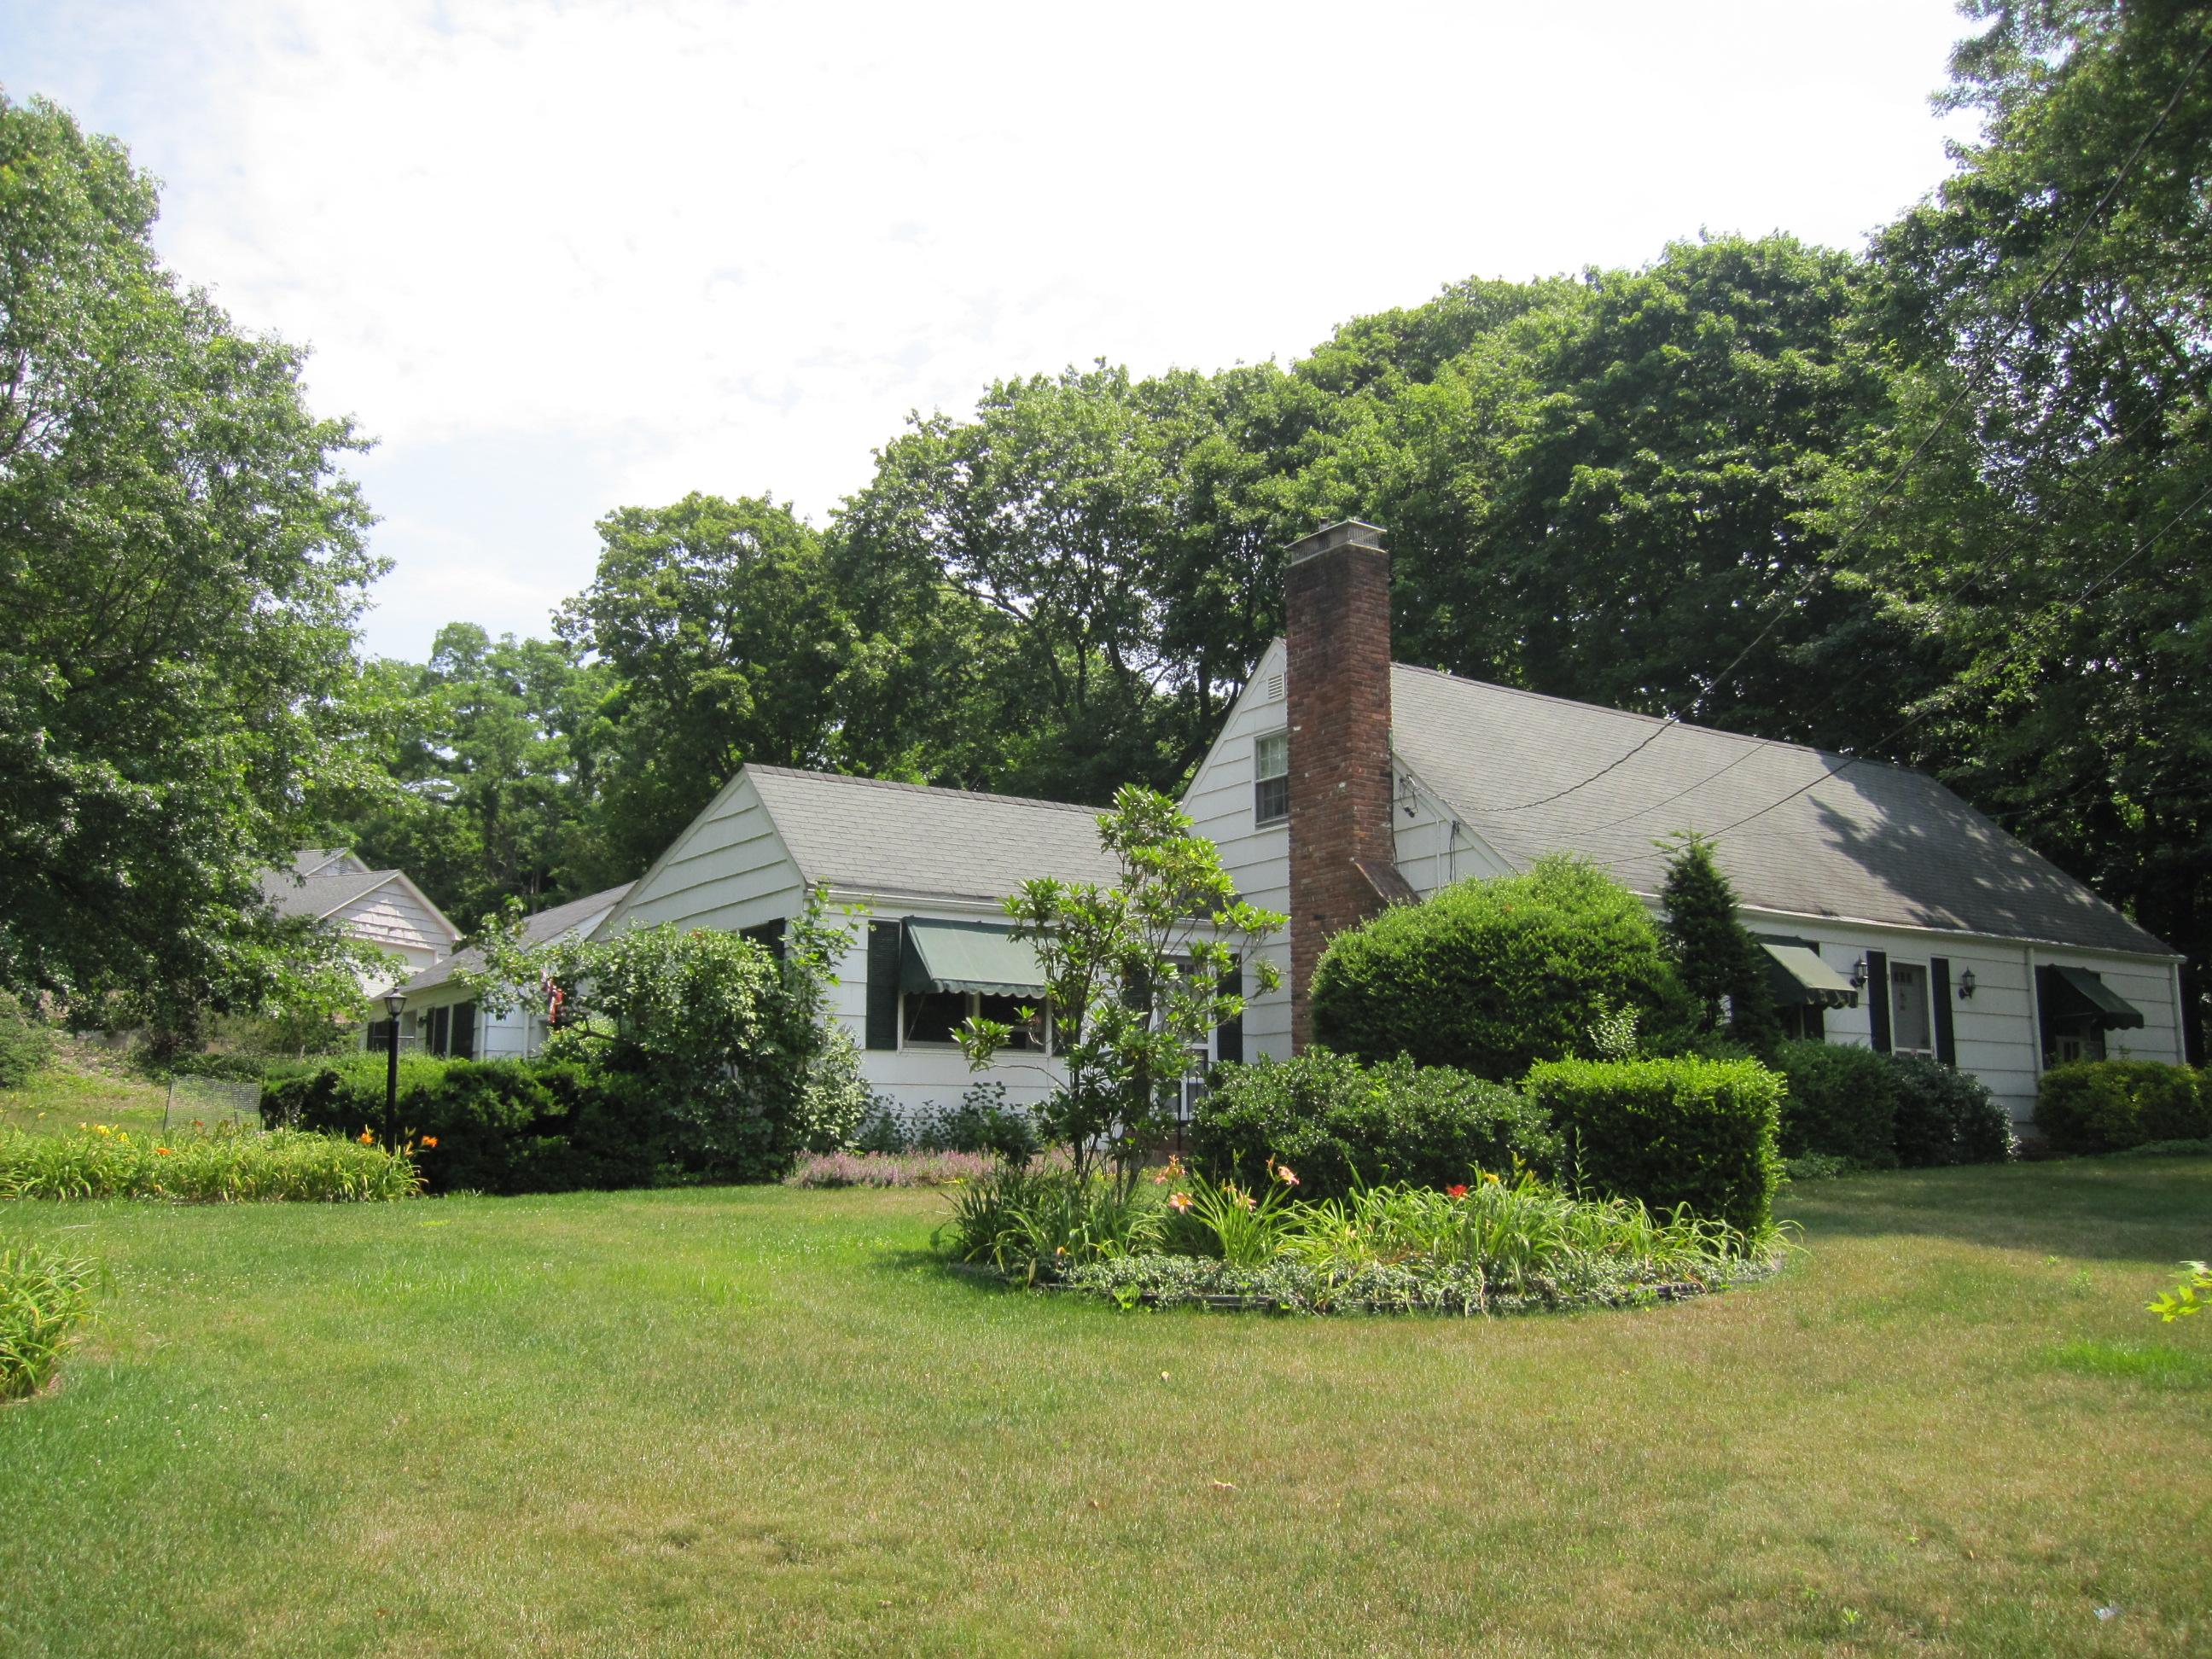 Villa per Vendita alle ore Great Location for Home Office 45 Main St Stony Brook, New York, 11790 Stati Uniti